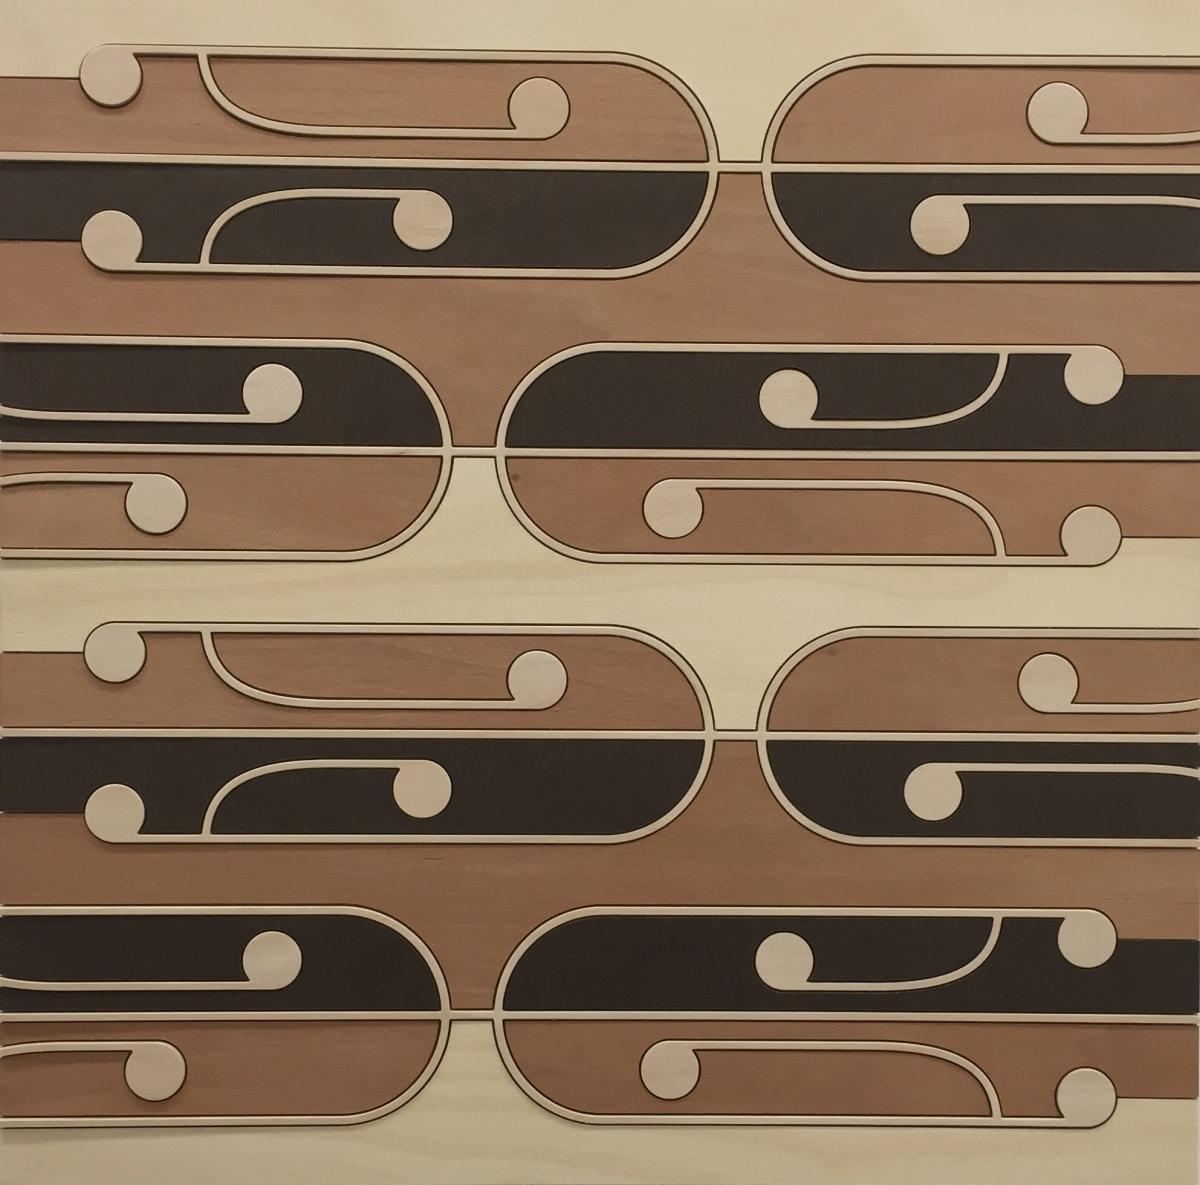 Ngataiharuru TAEPA Mata Rau #4, 2016 Various timbers 21.9 x 21.9 in 55.5 x 55.5 cm